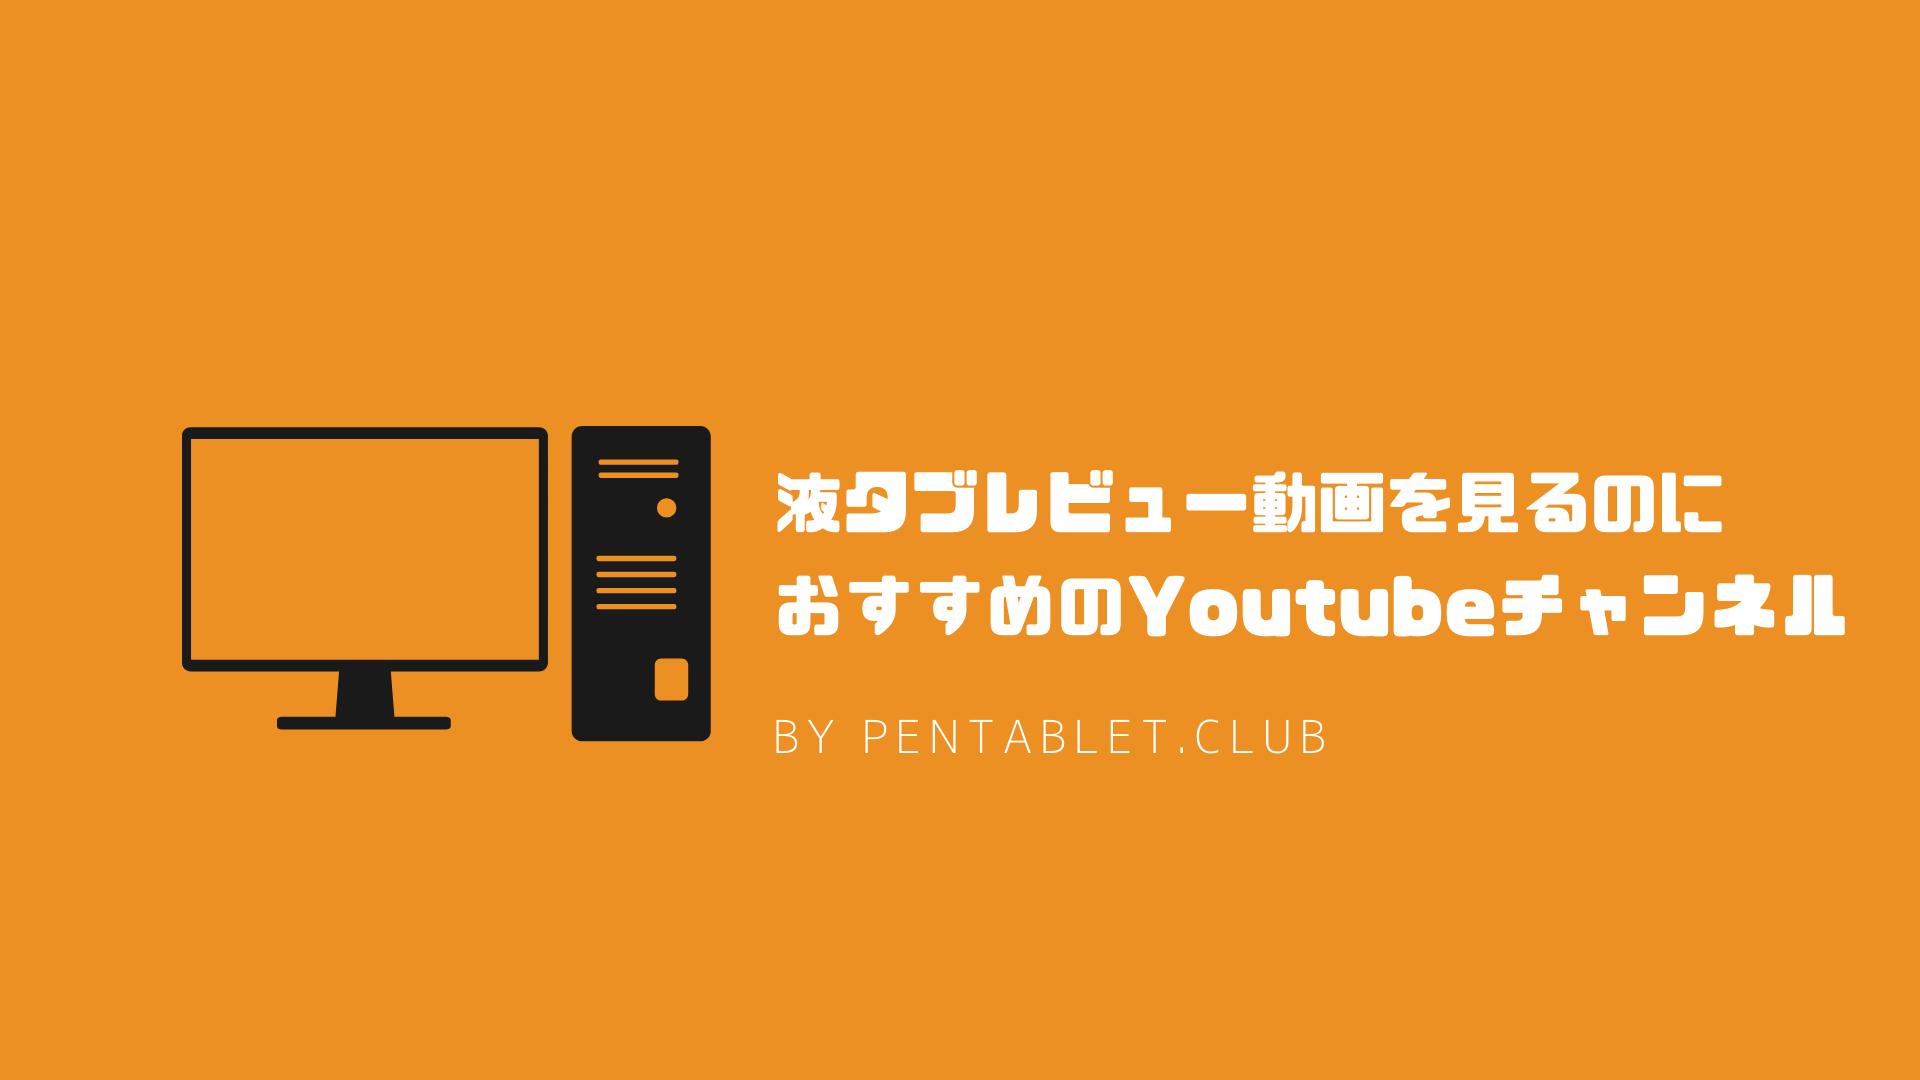 液タブレビュー動画を見るのに おすすめのYoutubeチャンネル